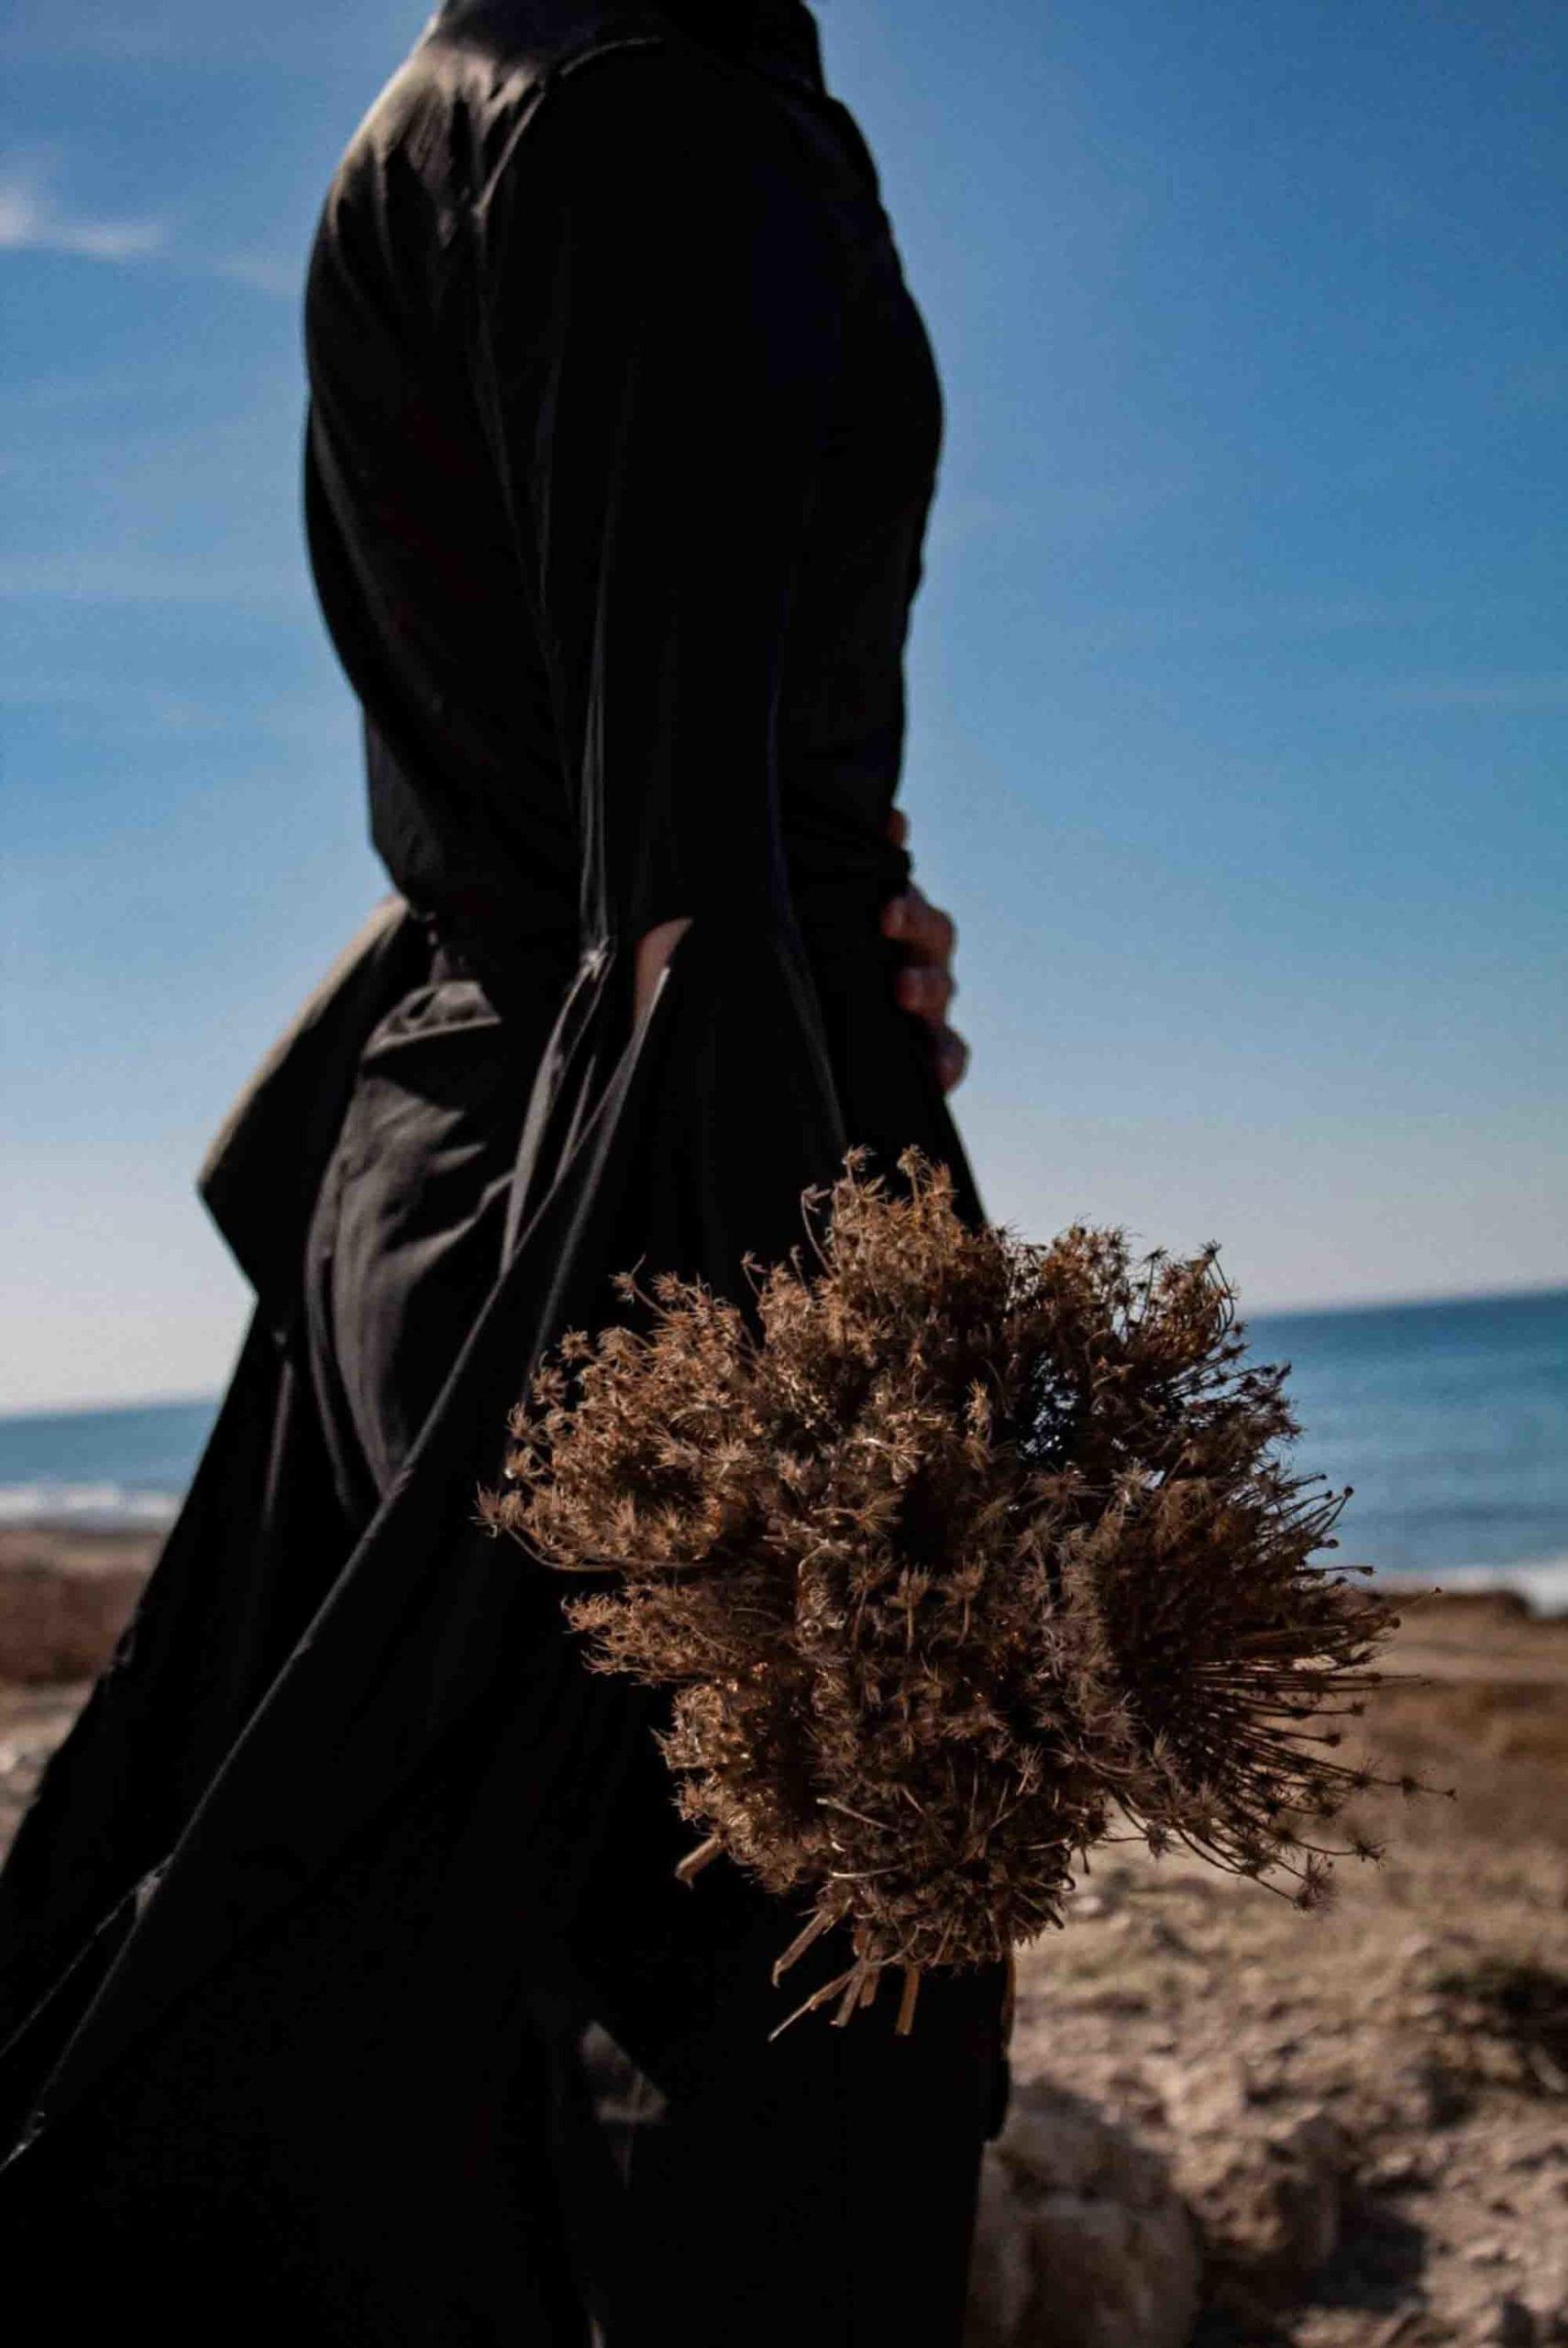 שחר גלר - shar gelle, מגזין אופנה, חדשות אופנה, כתבות אופנה, מגזין אופנה ישראלי - אופנה - 9